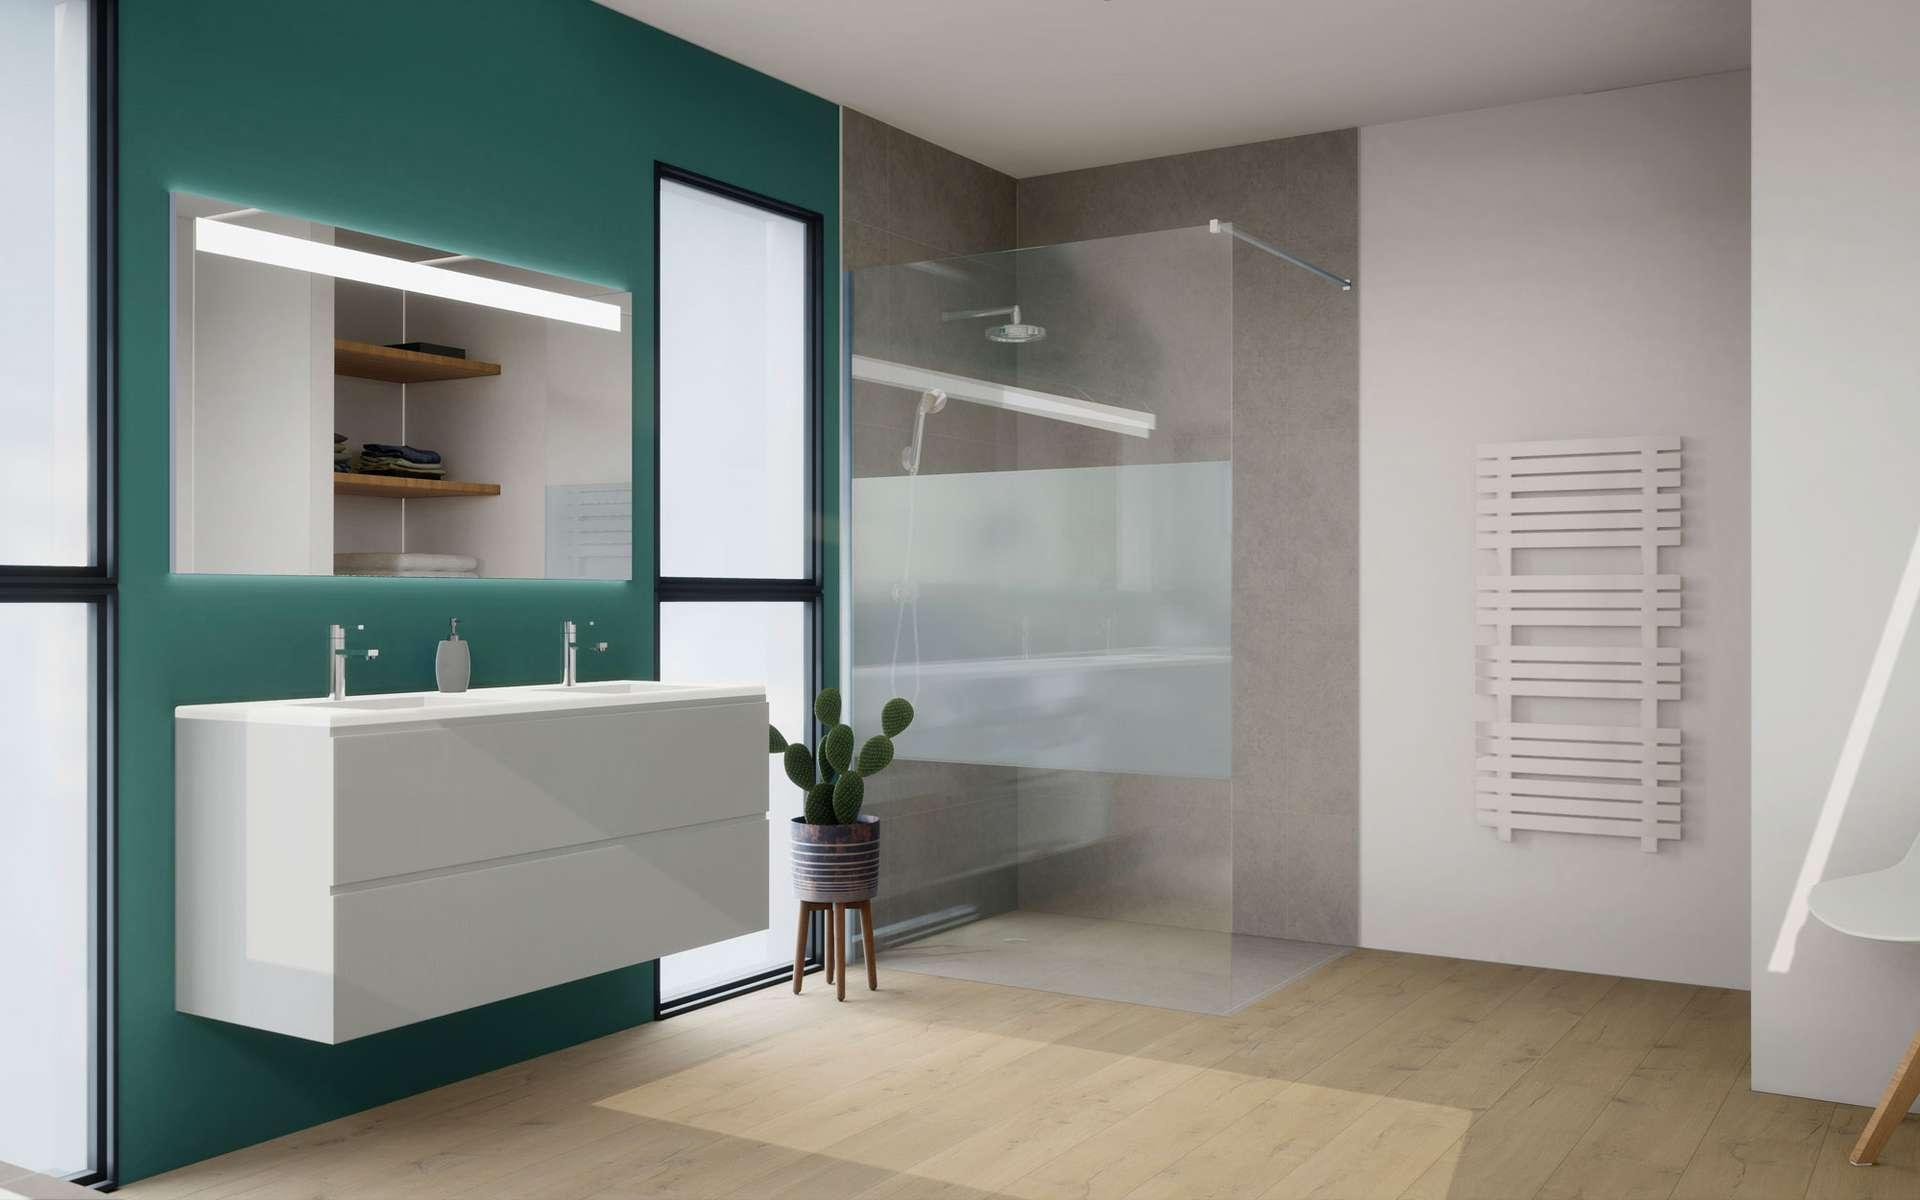 Découvrez quel est le prix d'aménagement d'une salle de bains. © sebastien, Adobe Stock